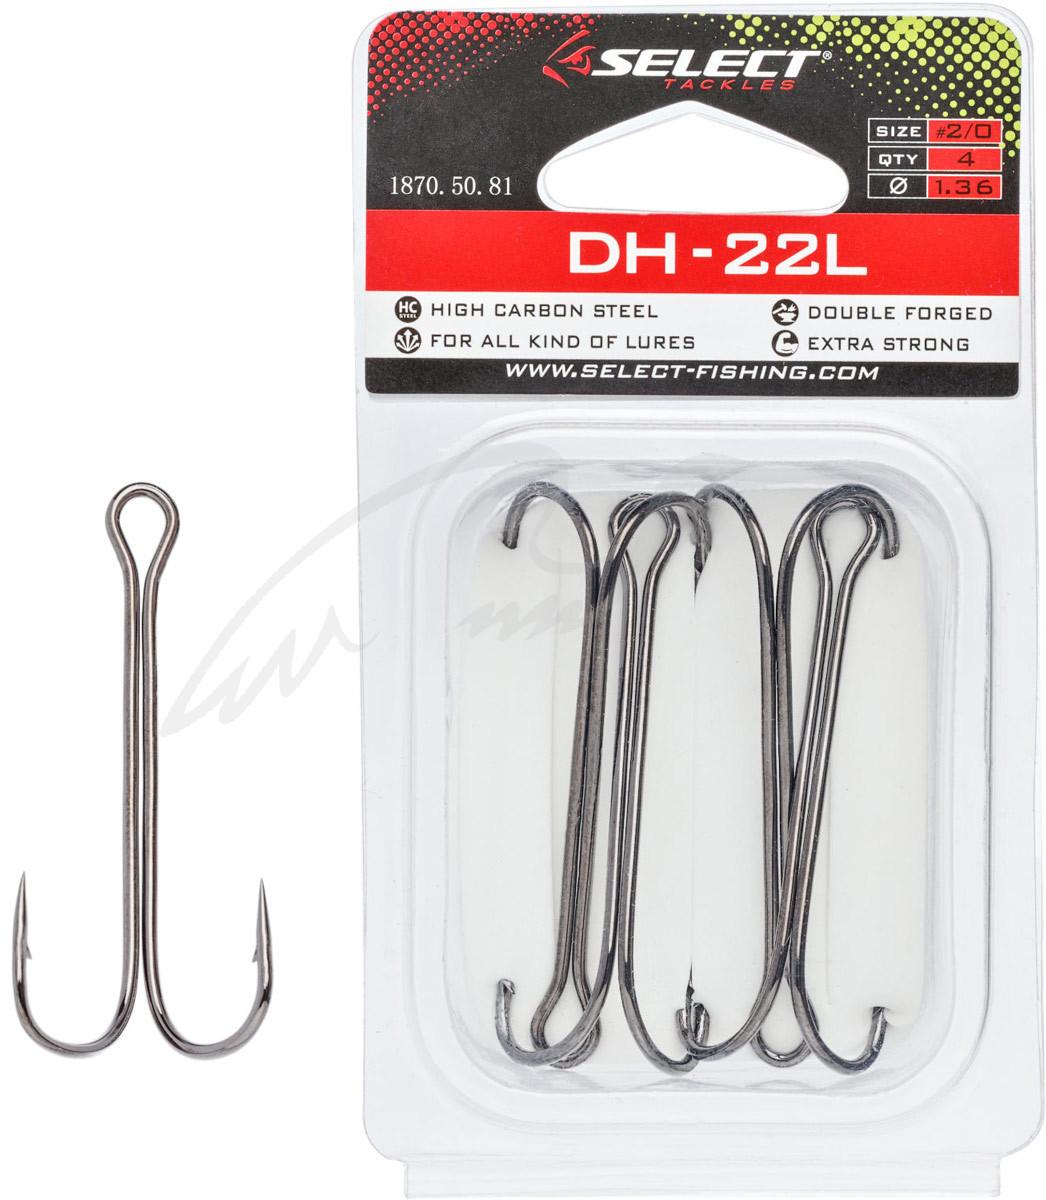 Двойник Select DH-22L #1 (4 шт/уп)